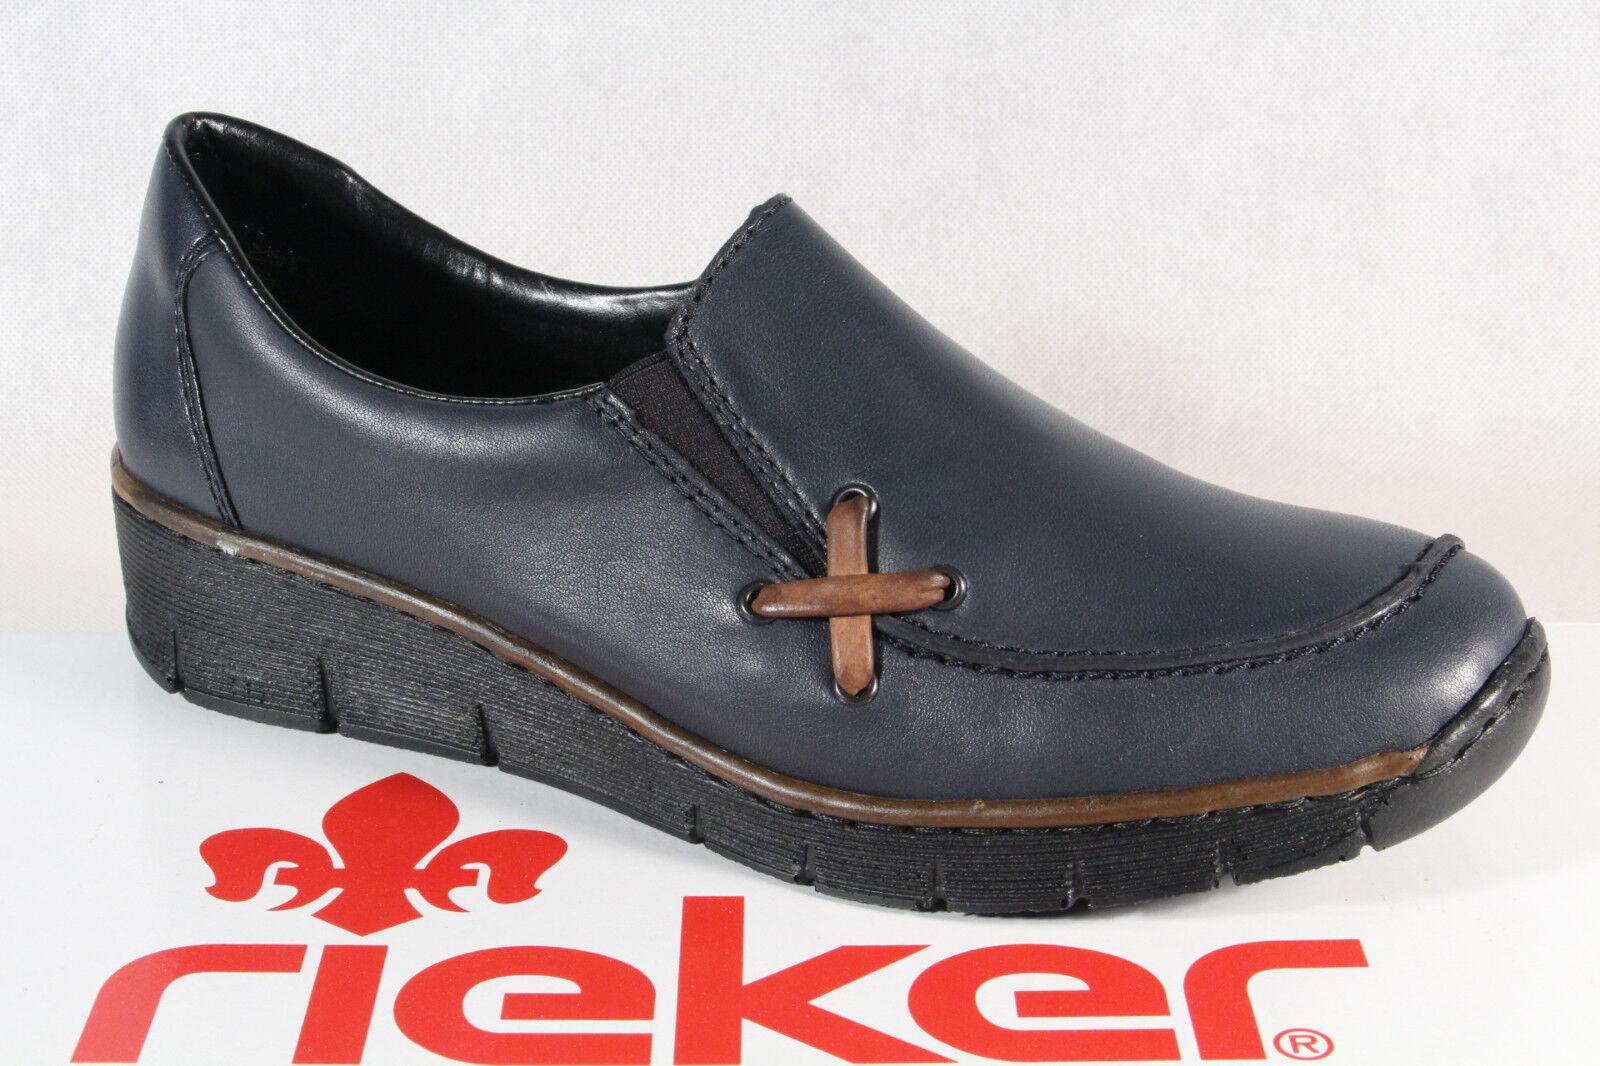 prezzo ragionevole Rieker Donna Mocassini Mocassini Mocassini Scarpe Basse, scarpe da ginnastica pelle Blu 53783 Nuovo  negozio fa acquisti e vendite